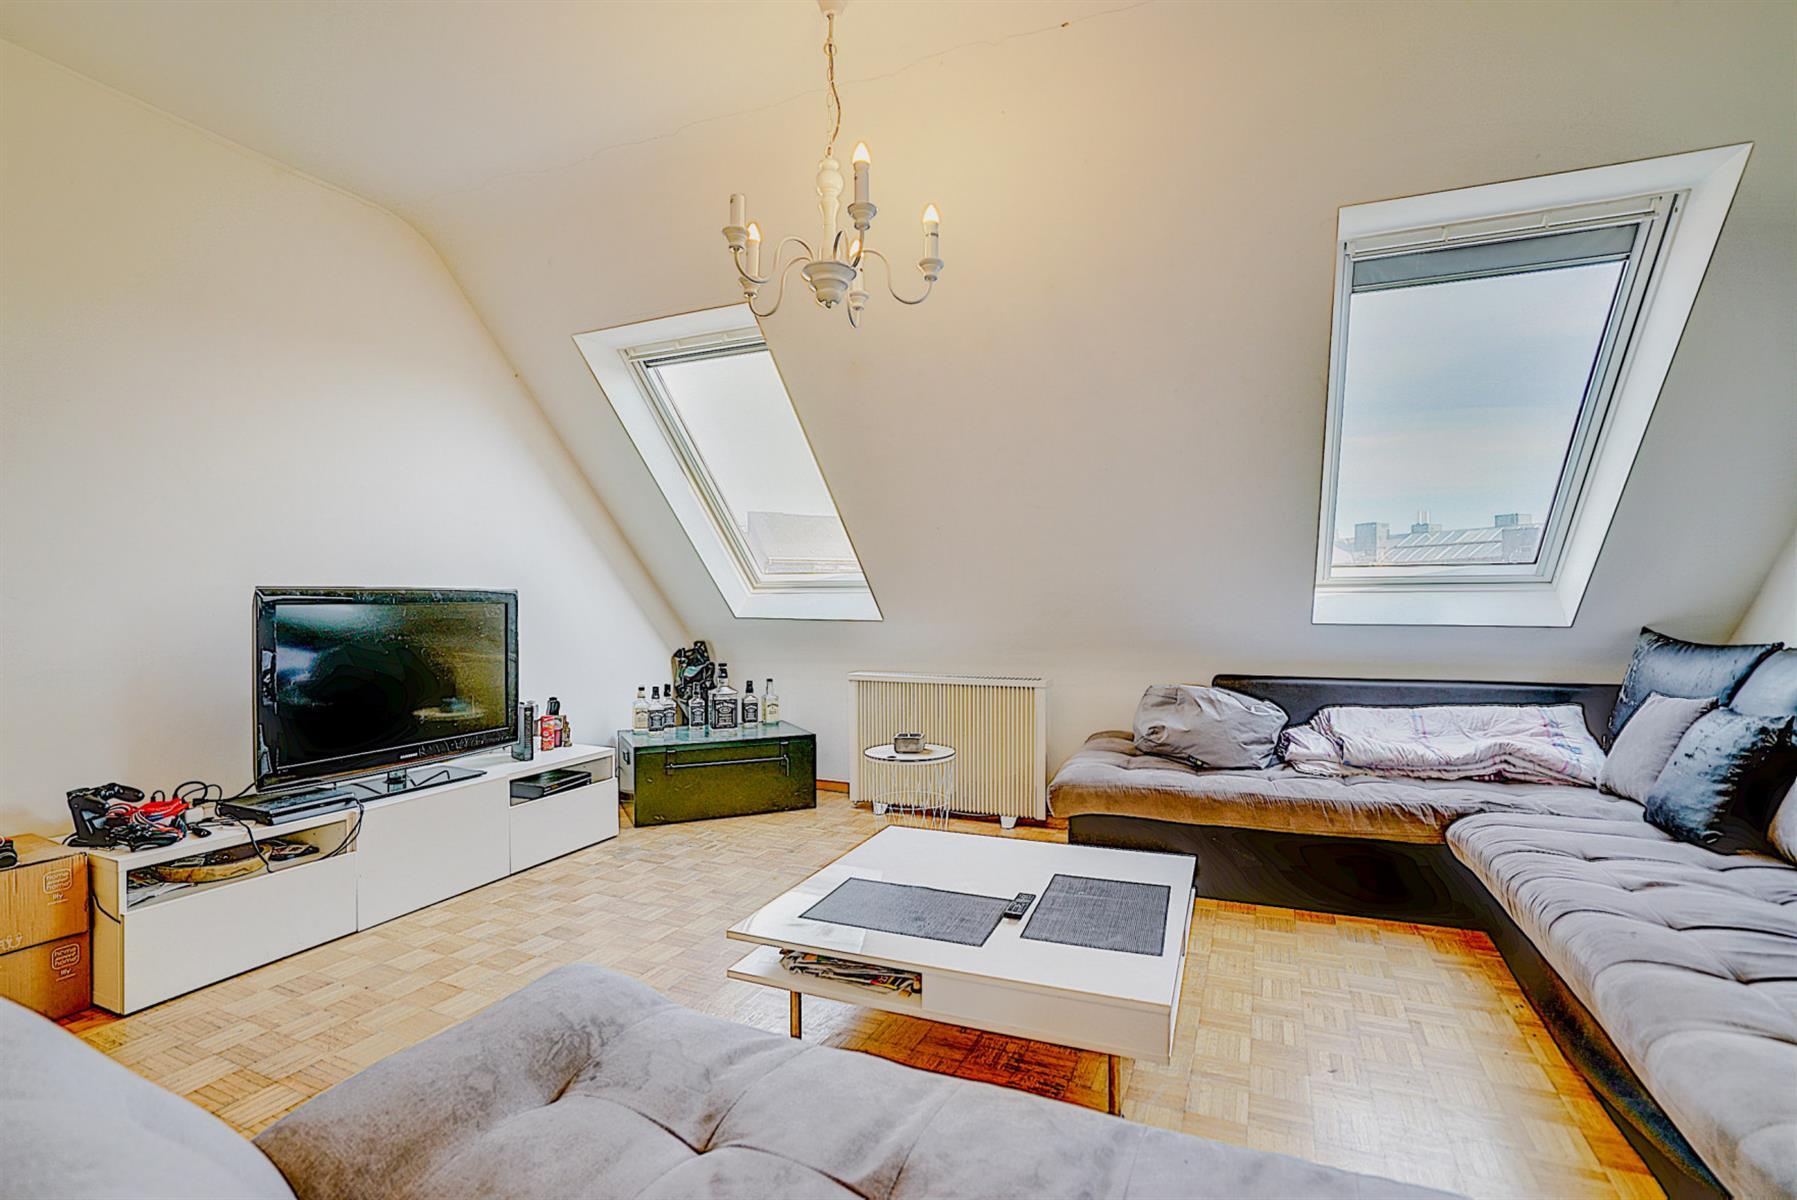 Appartement - Ottignies-louvain-la-neuve - #4342720-2